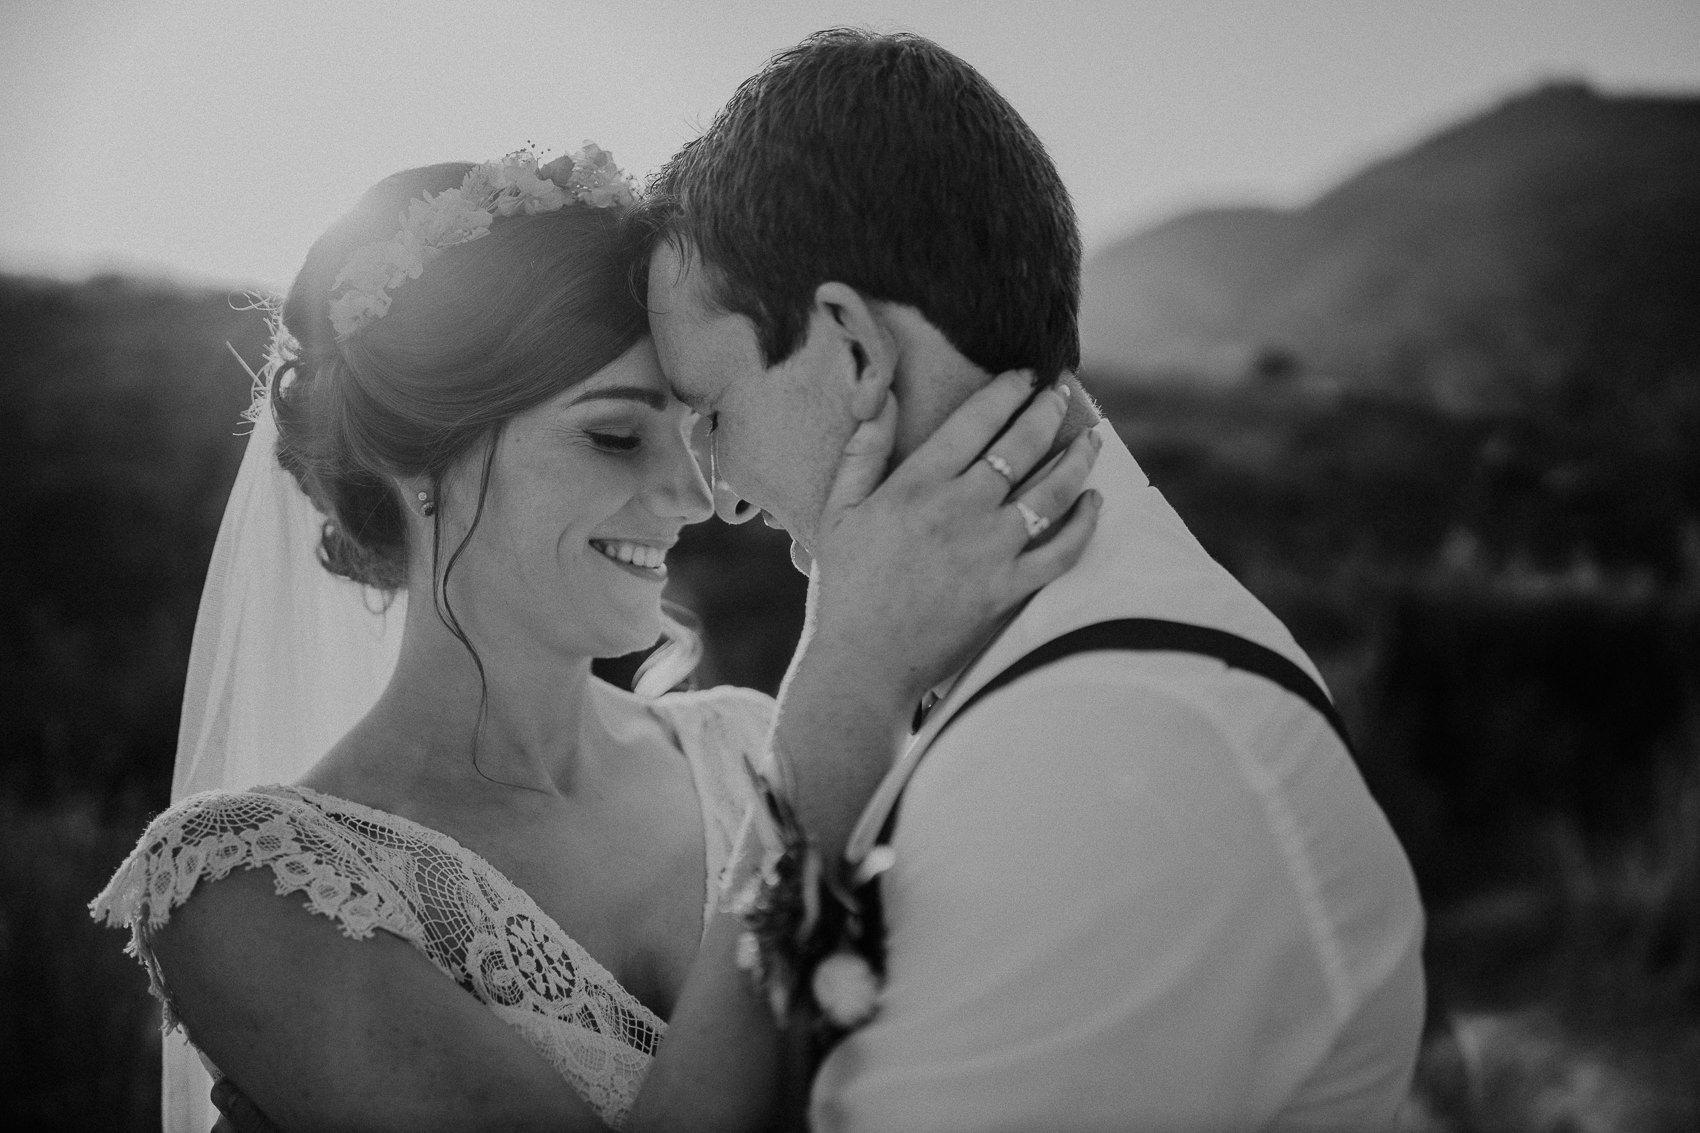 Sarah & Bill | Summer wedding at Cortijo Rosa Blanca | Marbella - Spain 130